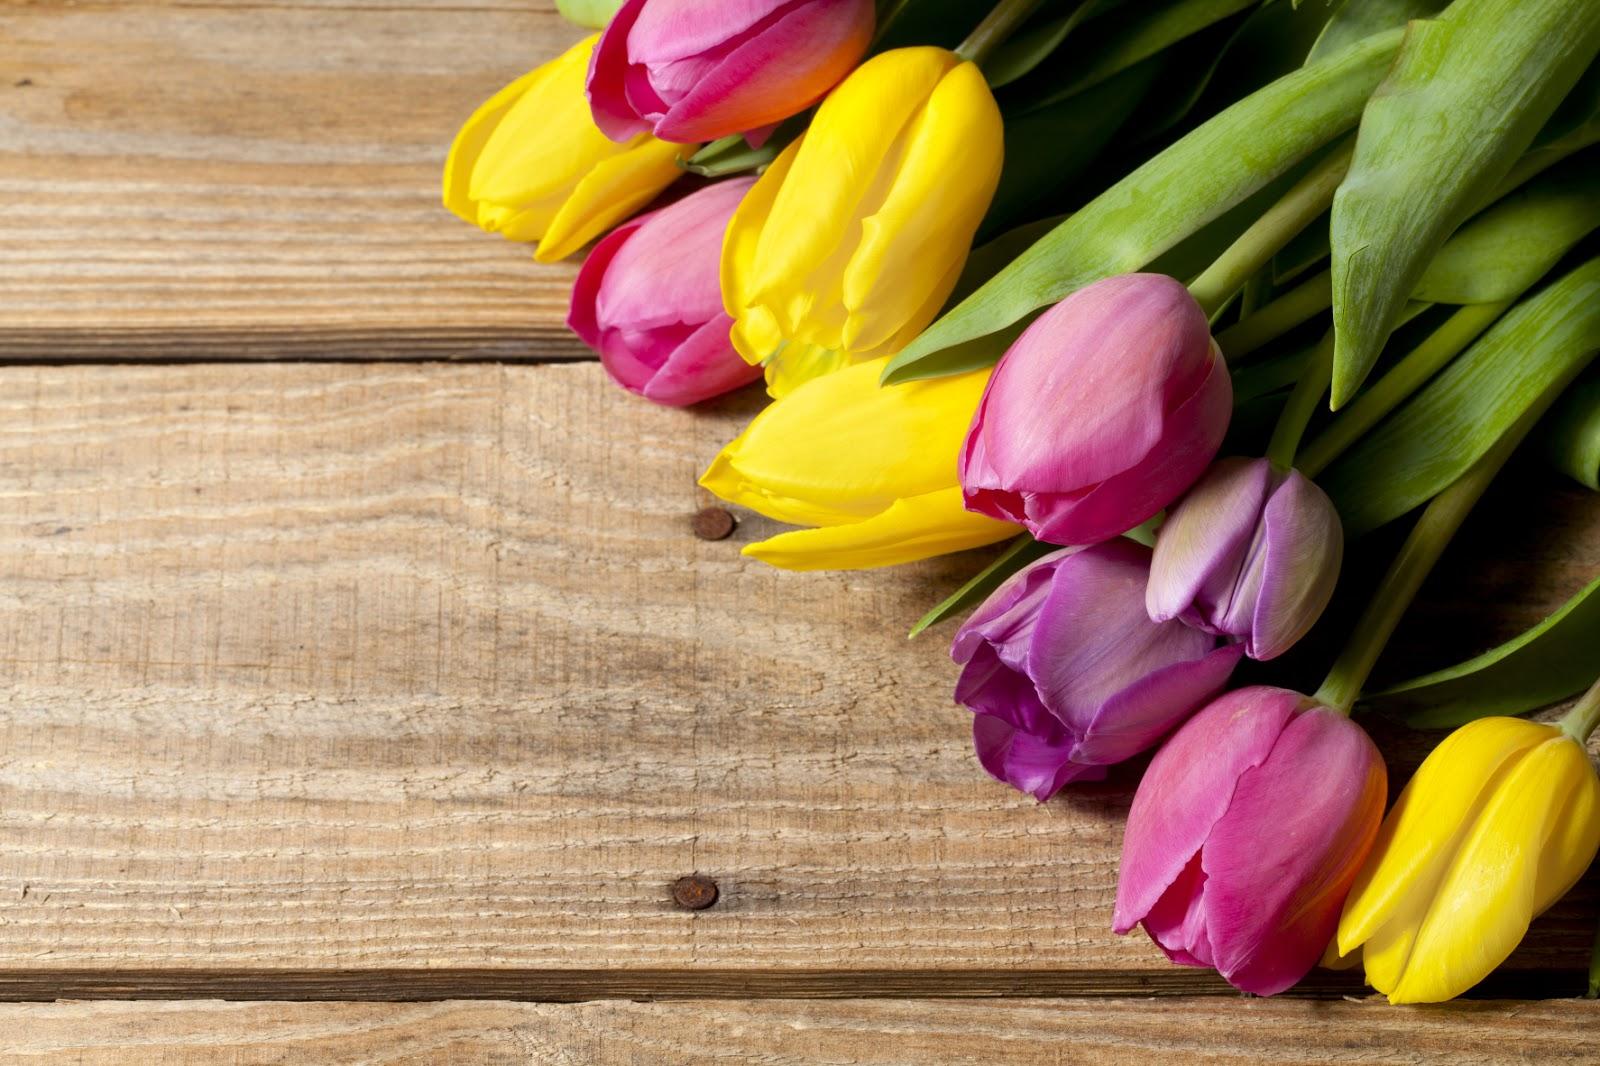 Banco De Im Genes 22 Fotograf As De Tulipanes De Colores